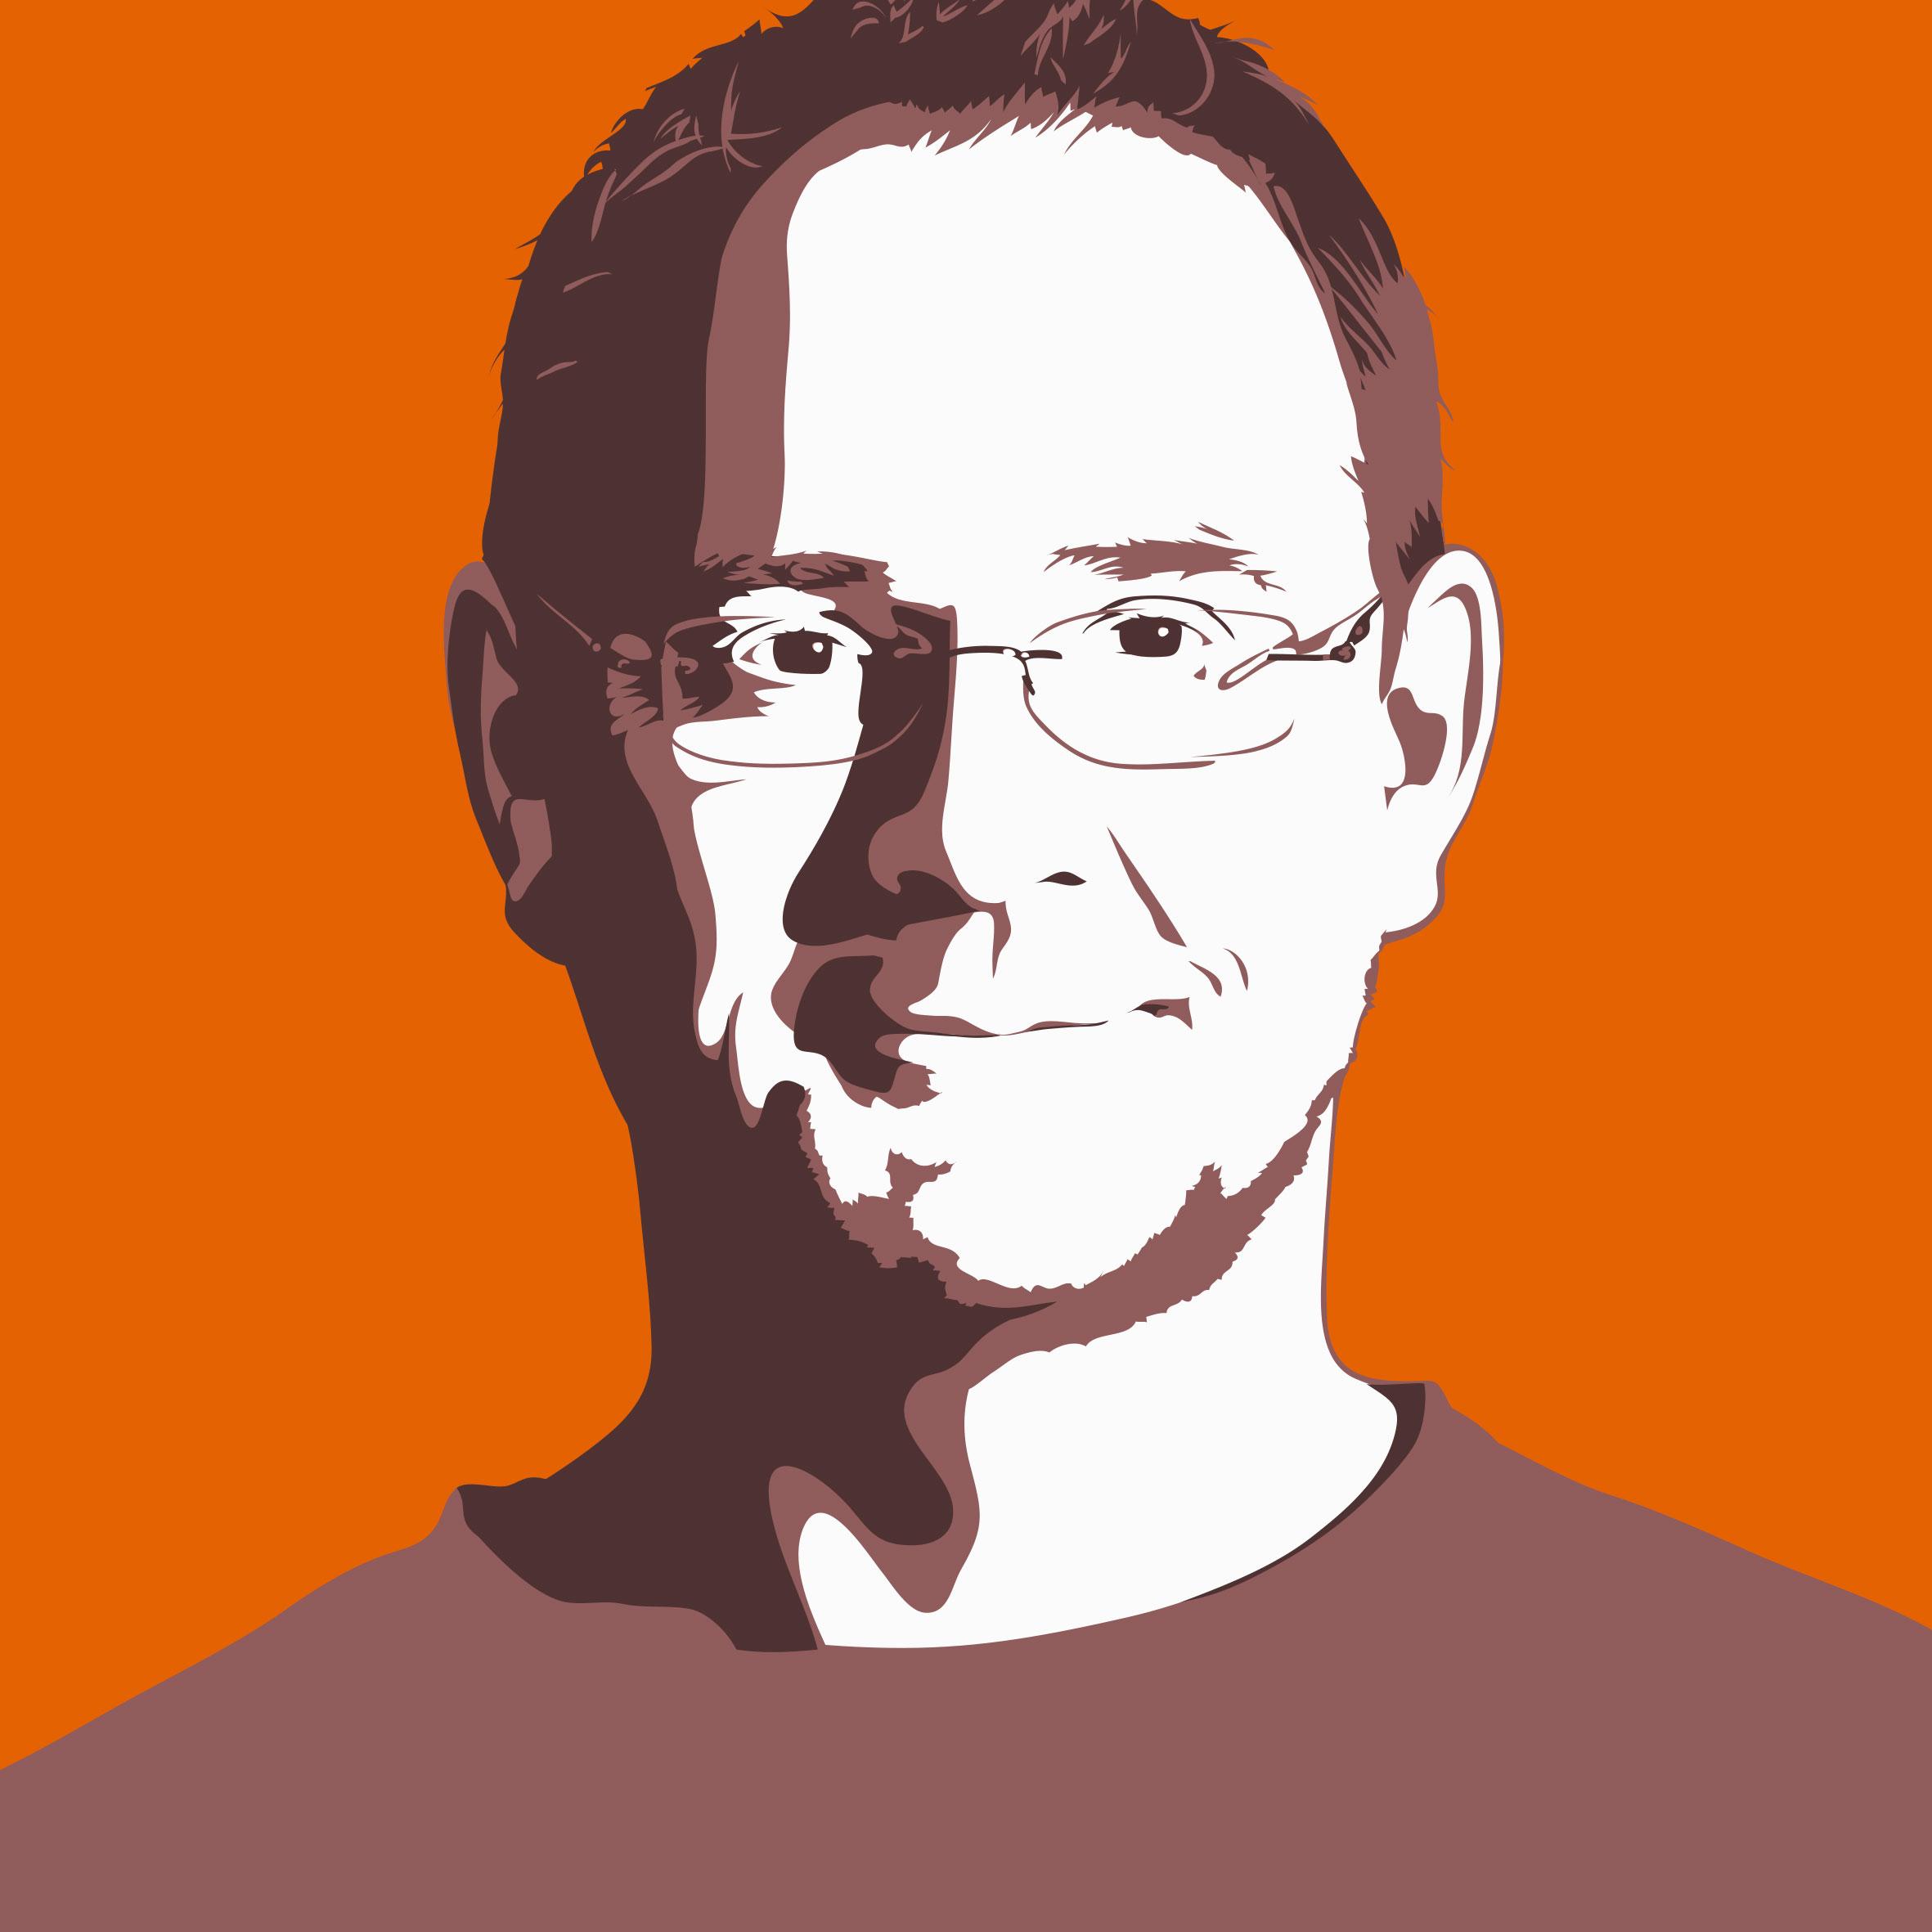 """Wolfgang Söllner, Head of Department F  Angefangen habe ich in dieser Branche 1981 in München bei einem der ersten größeren Video-Studios. Das war noch zu Zeiten des """"Dampfradios"""" - also habe ich noch die komplette analoge Videotechnik erlernt - mit Ausbildung zum Operator an 2-Zoll- und 1-Zoll A - B - C -Maschinen. Dann kam langsam die Einführung der Digitaltechnik und bei mir der Aufstieg zum Linear-Editor - damals noch mit riesigen Ton- und Bildmischern. Anfang 2000 kam dann mein Wechsel zum gerade eröffneten TV Werk - auch hier blieb die technische Entwicklung natürlich nicht stehen - es kam die Einführung der HD-Technik und auch immer mehr Verlagerung von Linear- auf Nonlinear-Technik - bis nun zu rein filebasierter, auflösungsunabhängiger Bildbearbeitung. Ein Editor muss heute eine eierlegende Wollmilchsau sein - sprich neben dem Schnitt natürlich auch Compositing, Grafik, Authoring und 3D Animation beherrschen. Täglich neue Systeme, Formate und Codecs sowieso. Diese Mischung aus Wissen, Erfahrung und Kreativität kann einer alleine schon gar nicht mehr abdecken - da kann man sich nur die passenden Spezialisten für ein schlagkräftiges Team zusammensuchen. Und das gibt's seit 2010 - das  Department F ."""